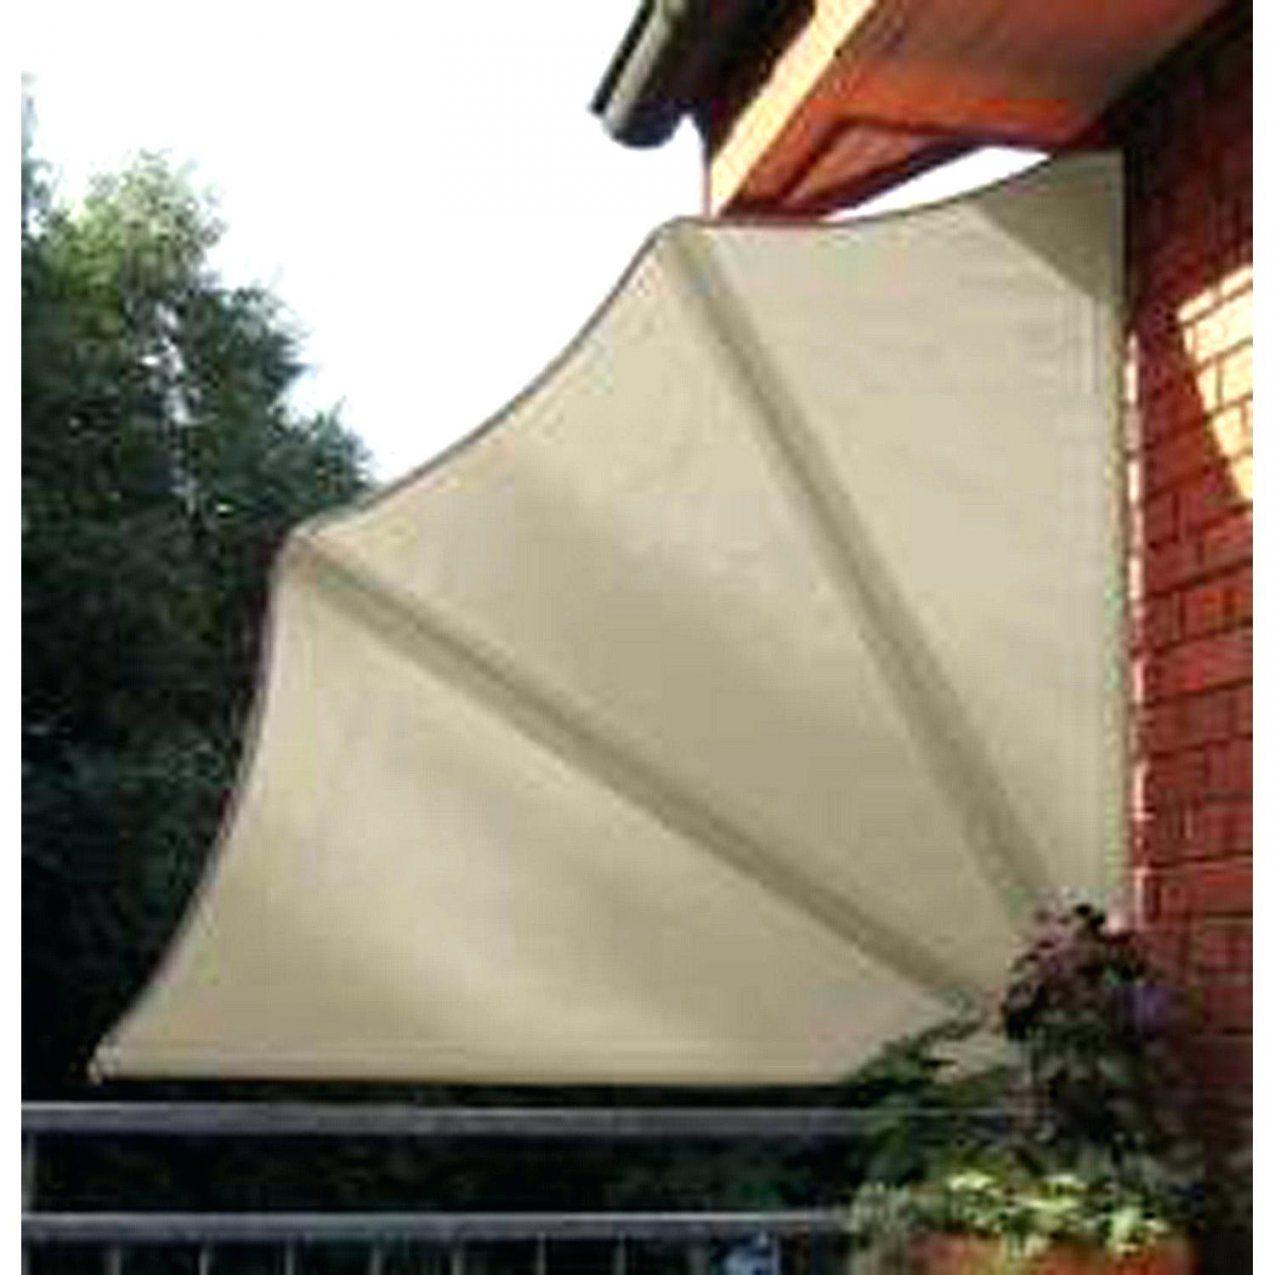 Seiten Sichtschutz Balkon Fur Balkongelander Obi Seitensichtschutz von Balkon Sichtschutz Fächer Ohne Bohren Bild